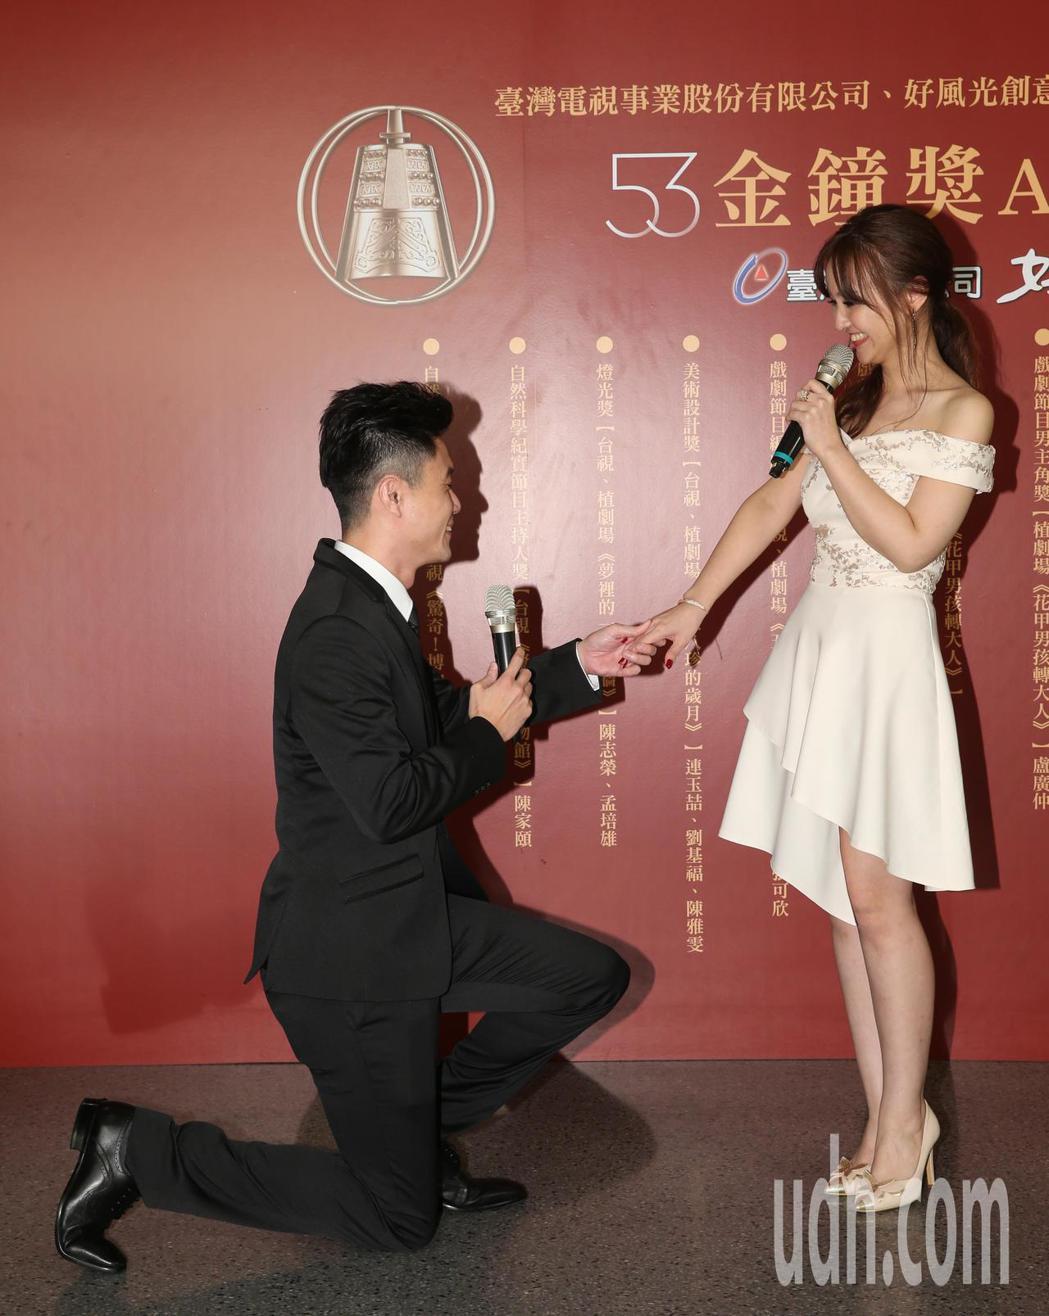 陳家頤(右)奪下「自然科學紀實節目主持人獎」,晚間在慶功宴上主持人陳家頤未婚夫也